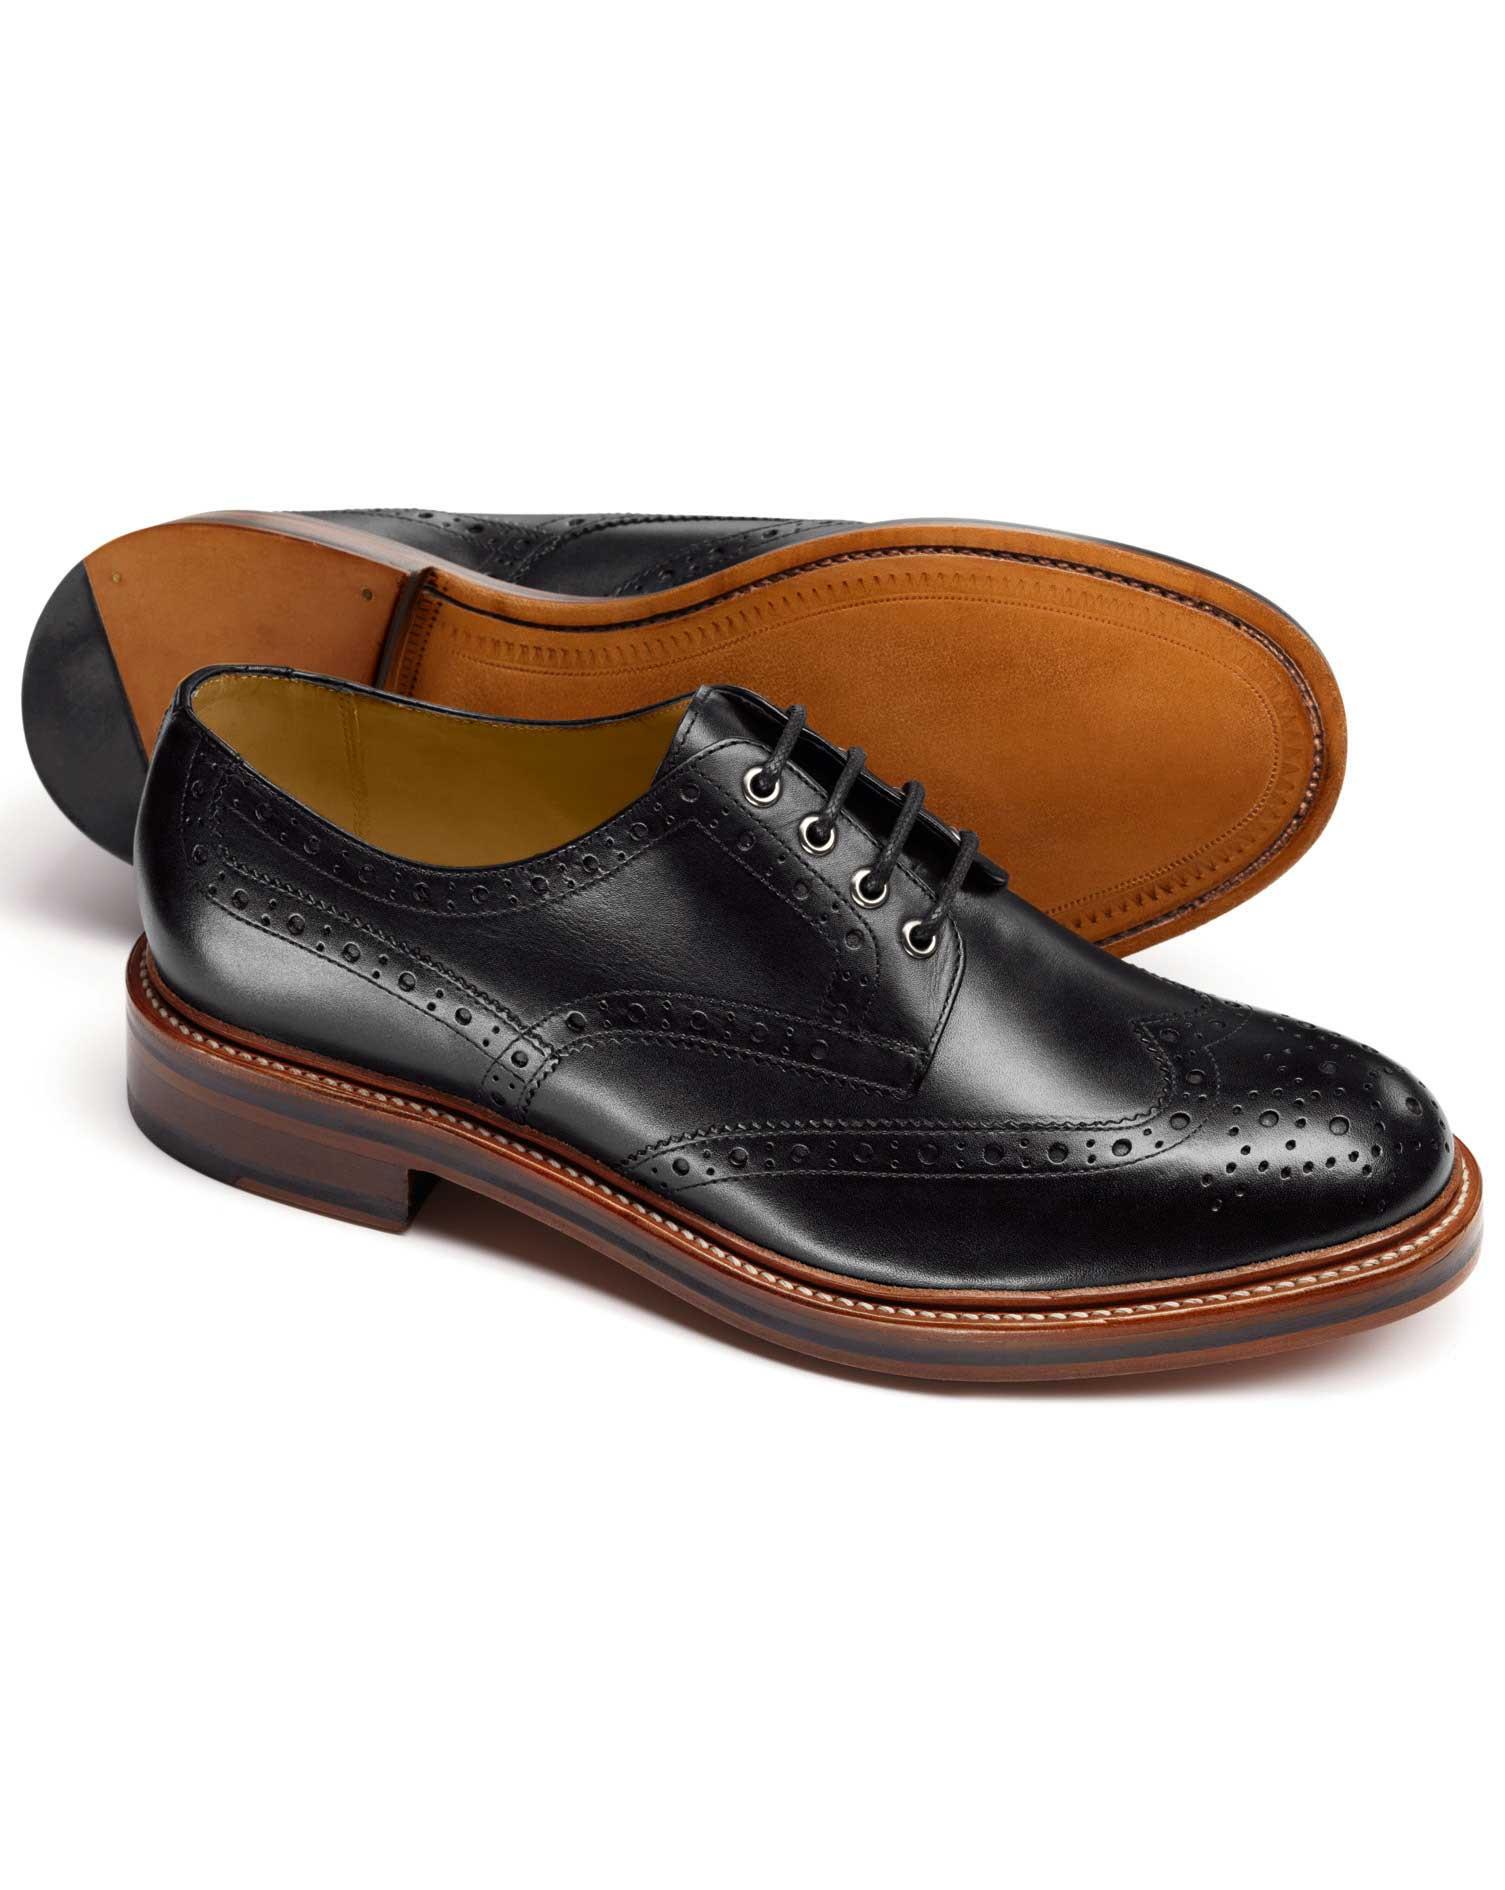 f6473d11e7e Handmade mens derby black dress shoes